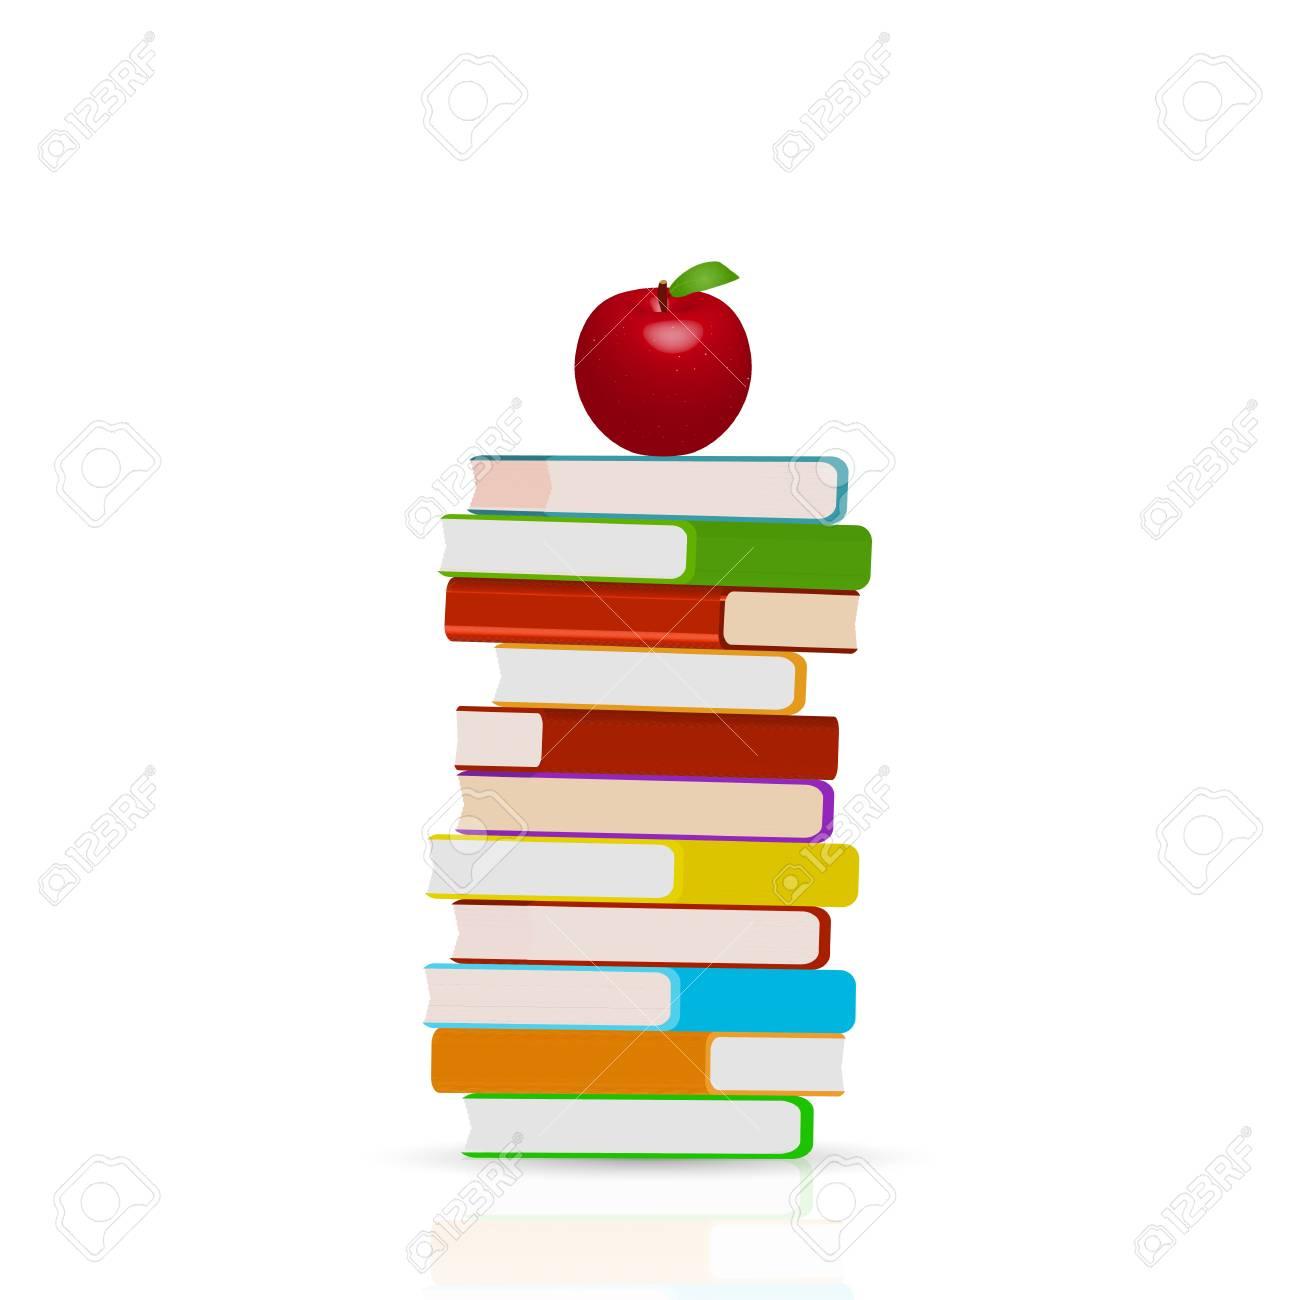 Illustration D 39 Une Pile De Livres Et Pomme Isole Sur Un Fond Blanc